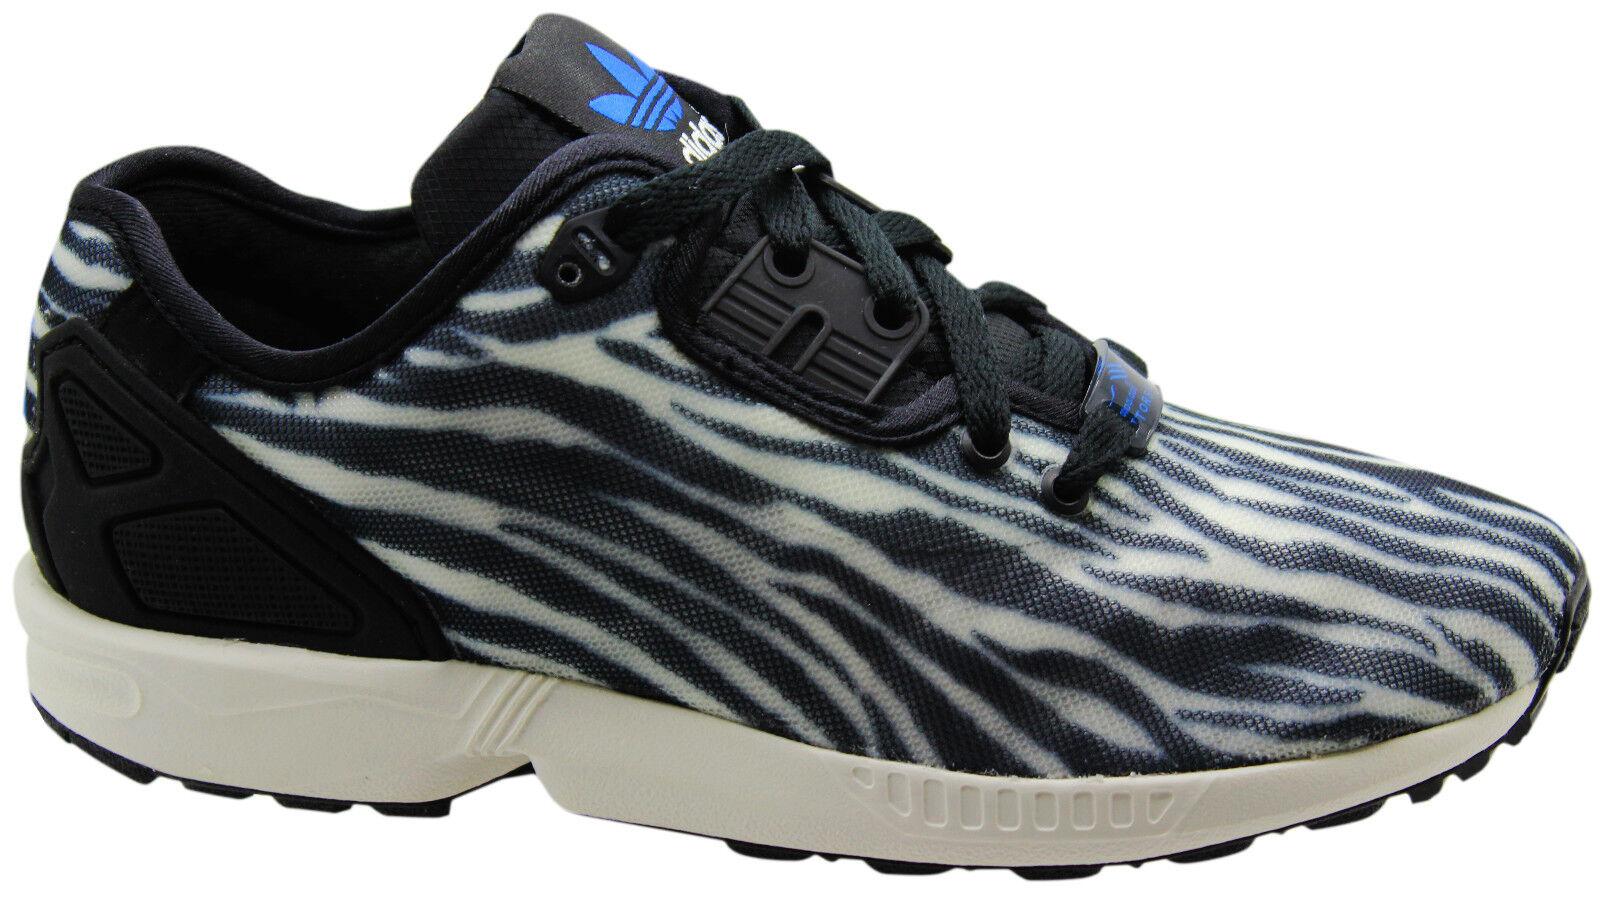 Adidas Originals entrenadores ZX flujo decon Hombre entrenadores Originals running zapatos Negro b23728 u124 nuevos zapatos para hombres y mujeres, el limitado tiempo de descuento b44280